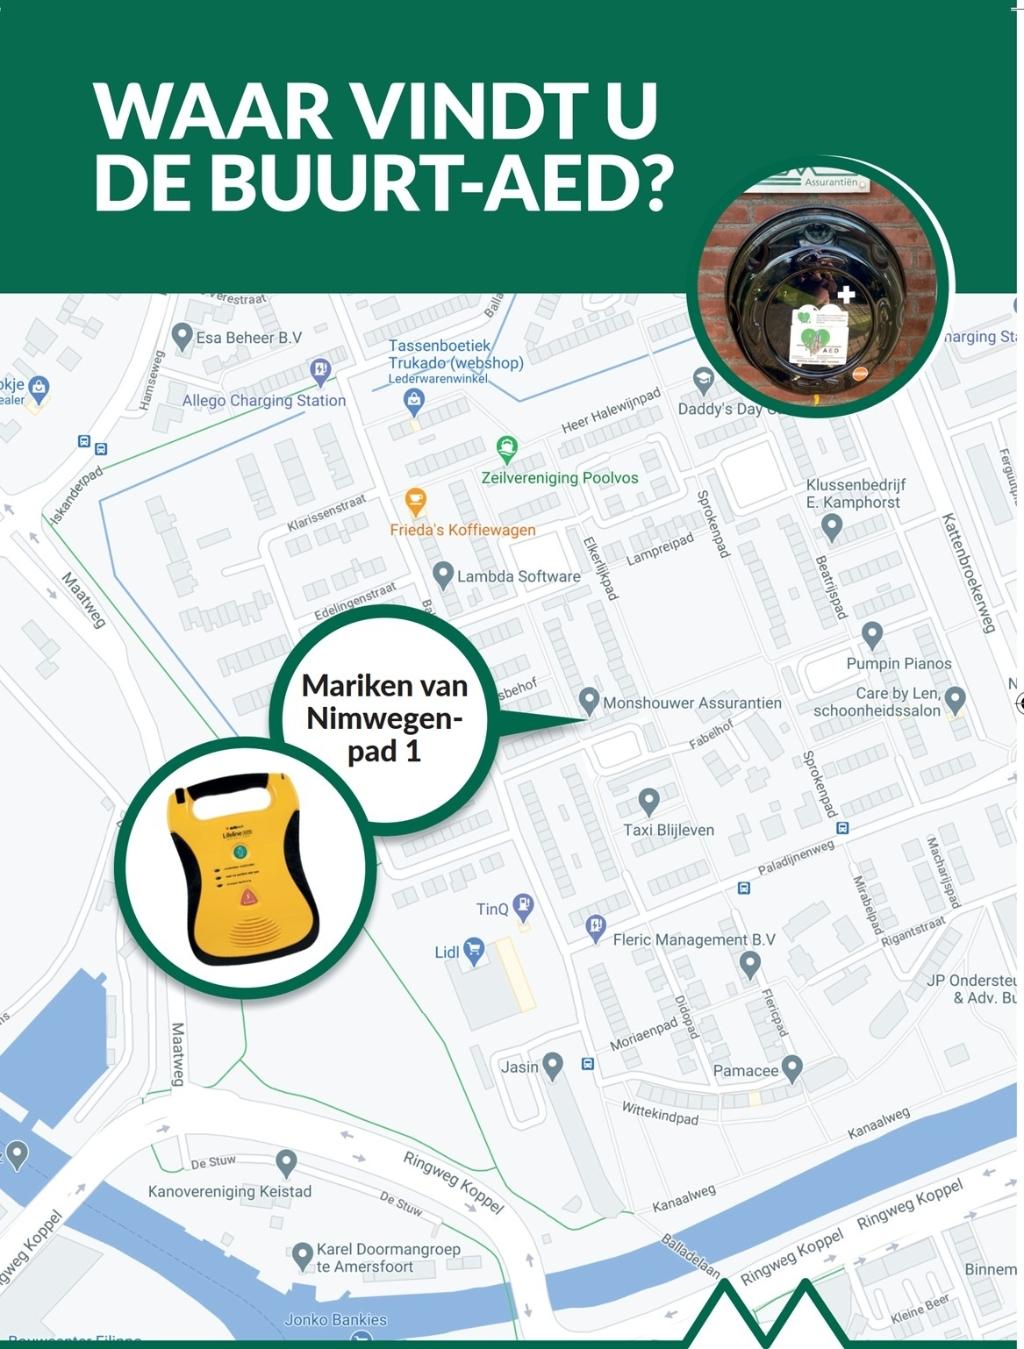 Locatie van de AED Jeroen Monshouwer © BDU media